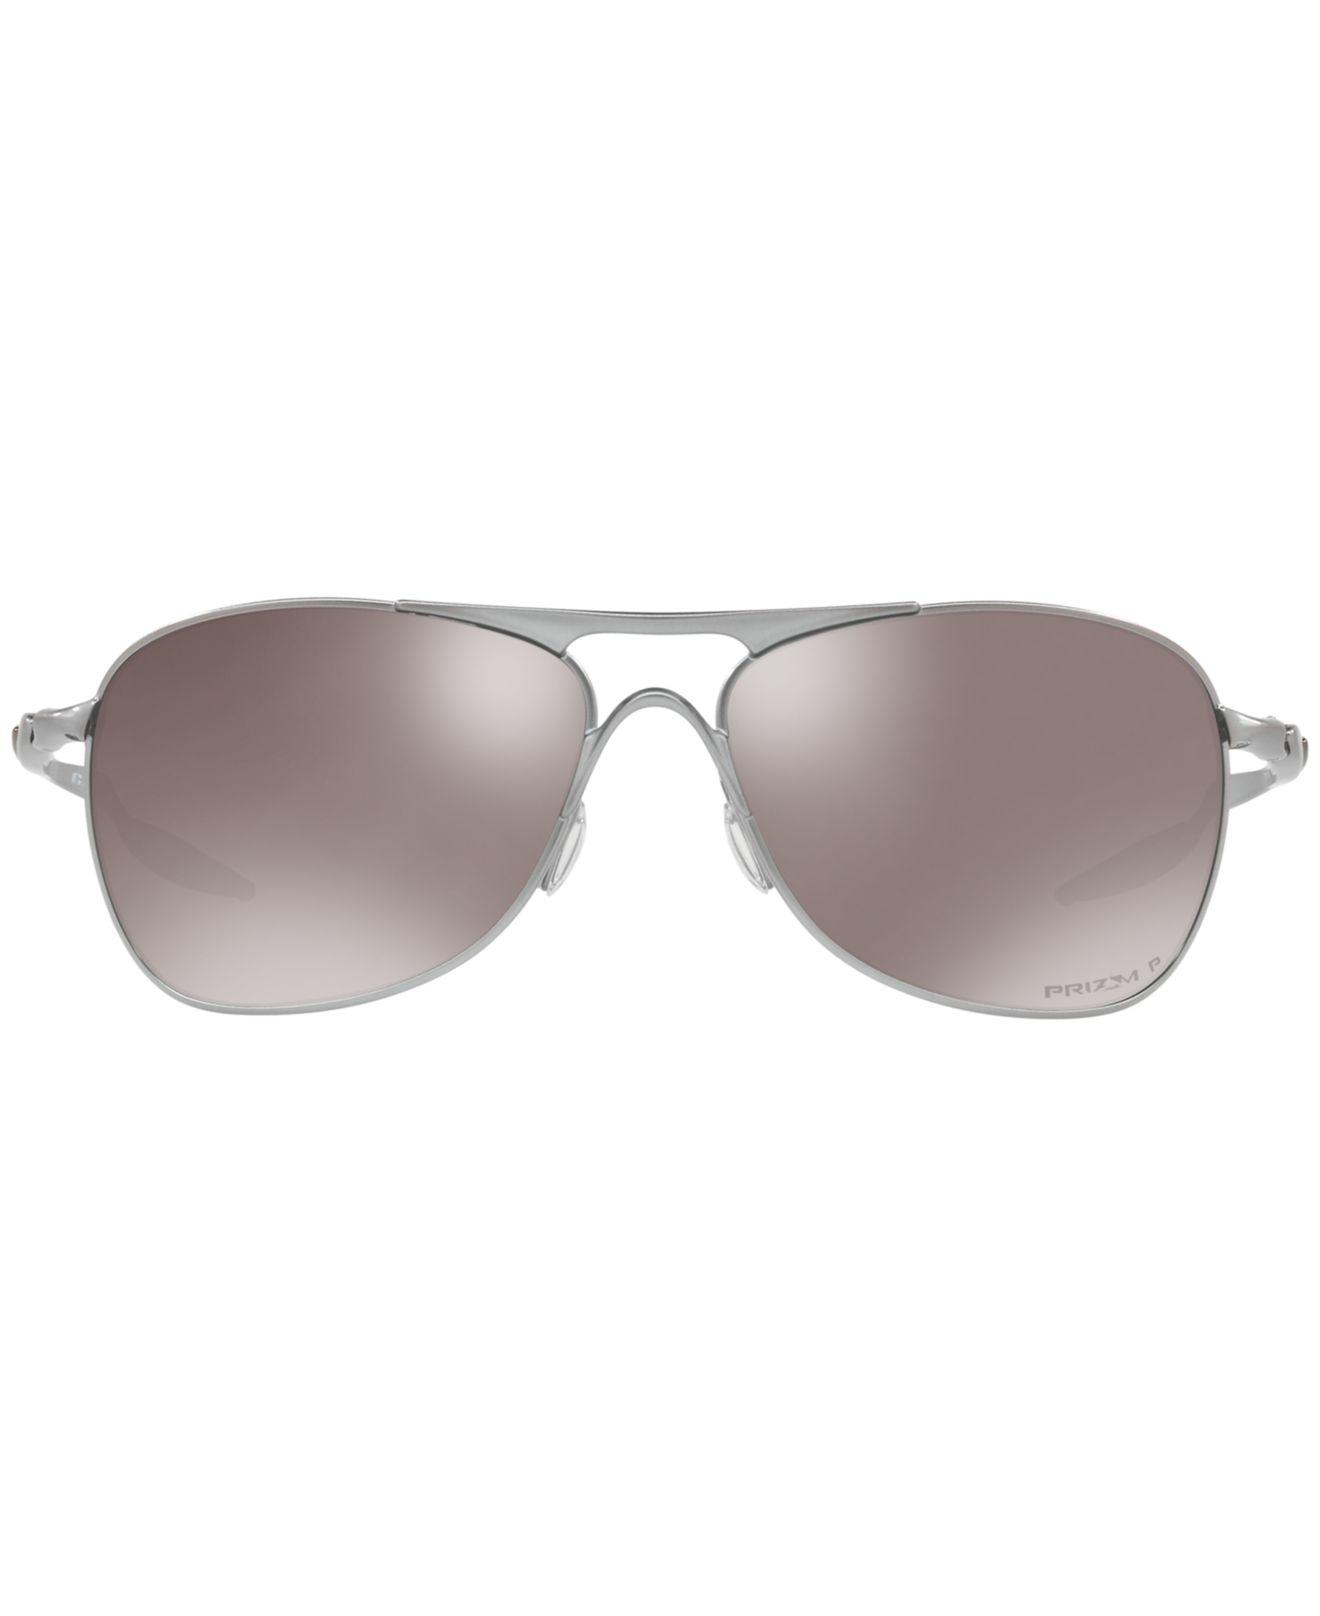 a91e7c9b4e Lyst - Oakley Sunglasses